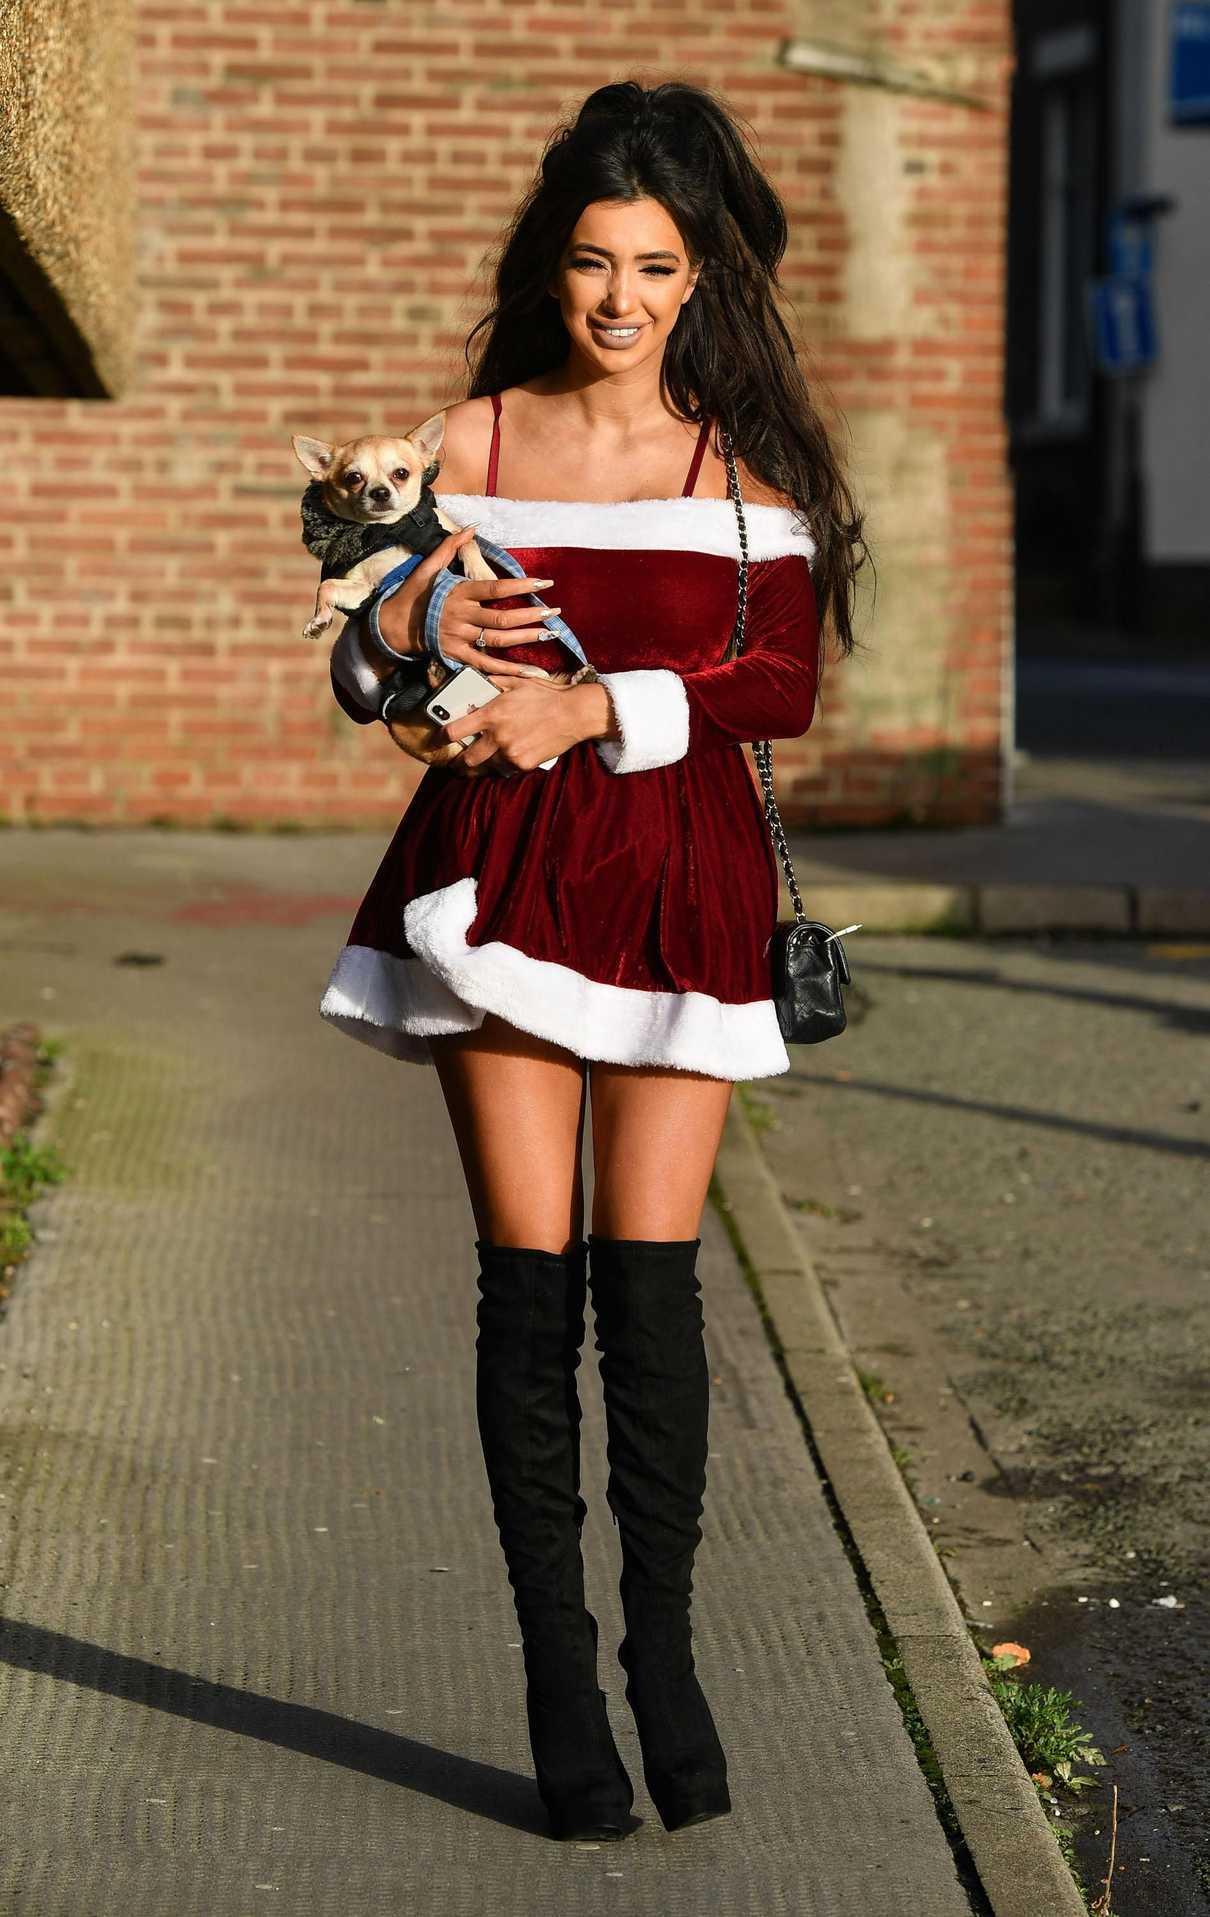 Chloe Khan Wears a Short Dress in Liverpool 12/18/2017